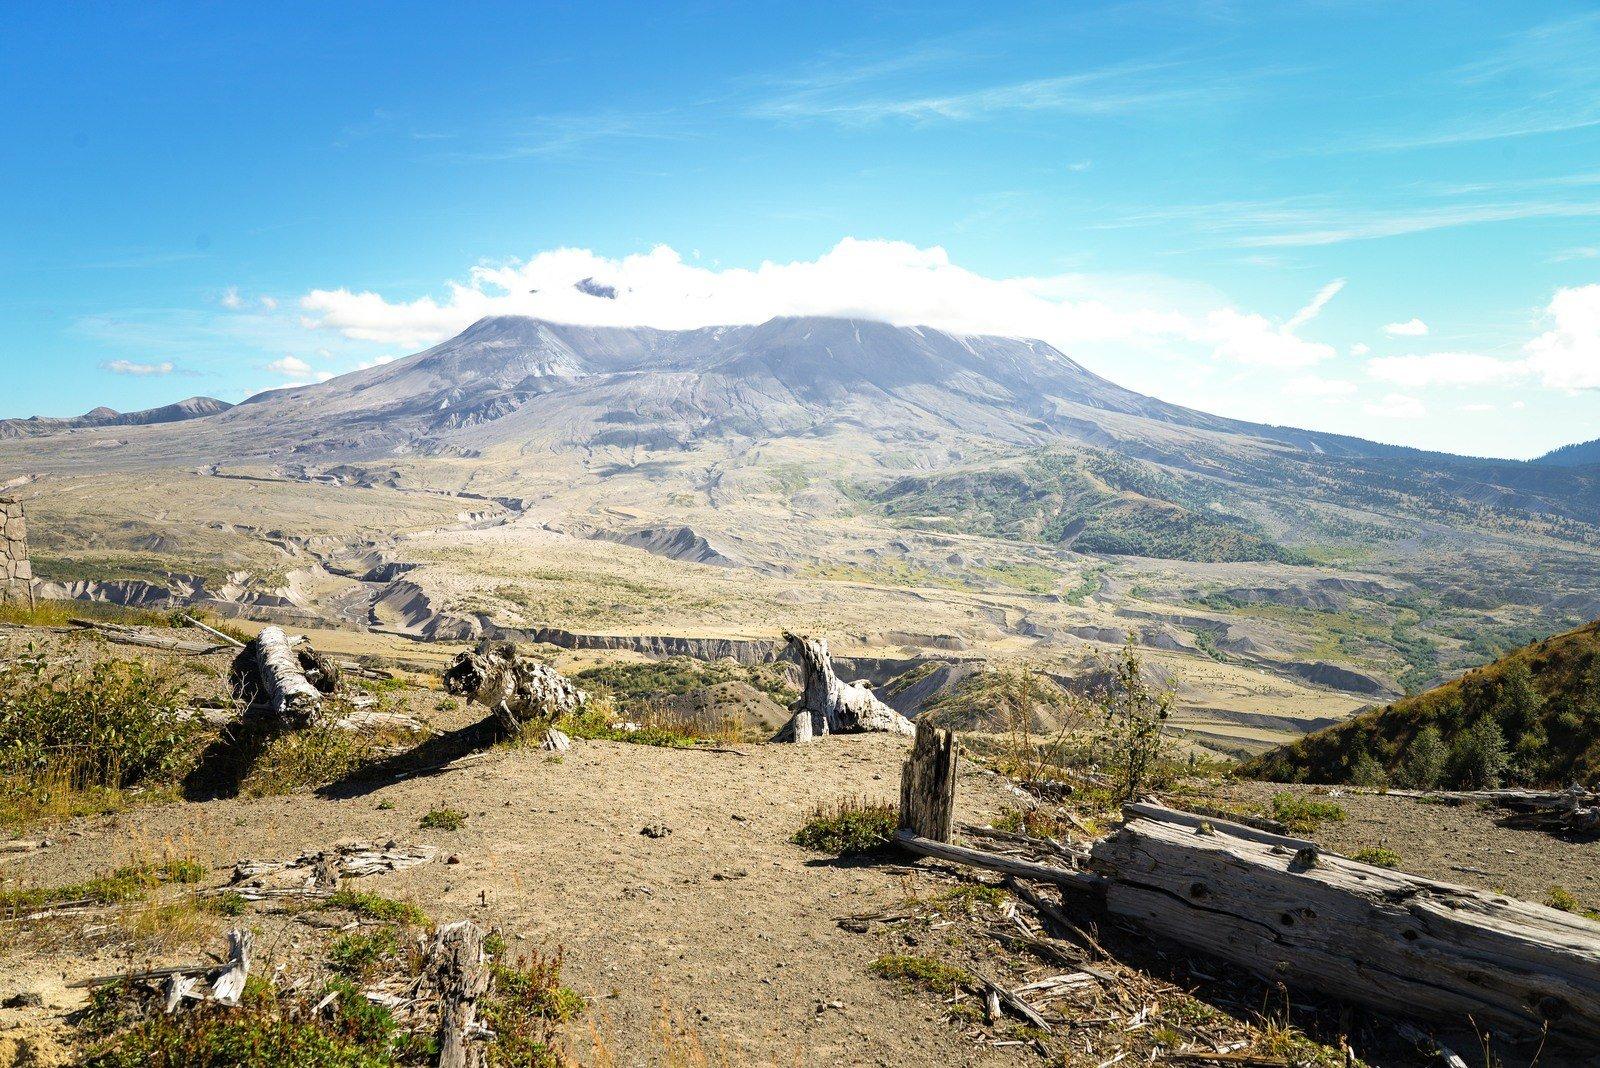 le mont st helens photos du volcan le plus dangereux des etats unis